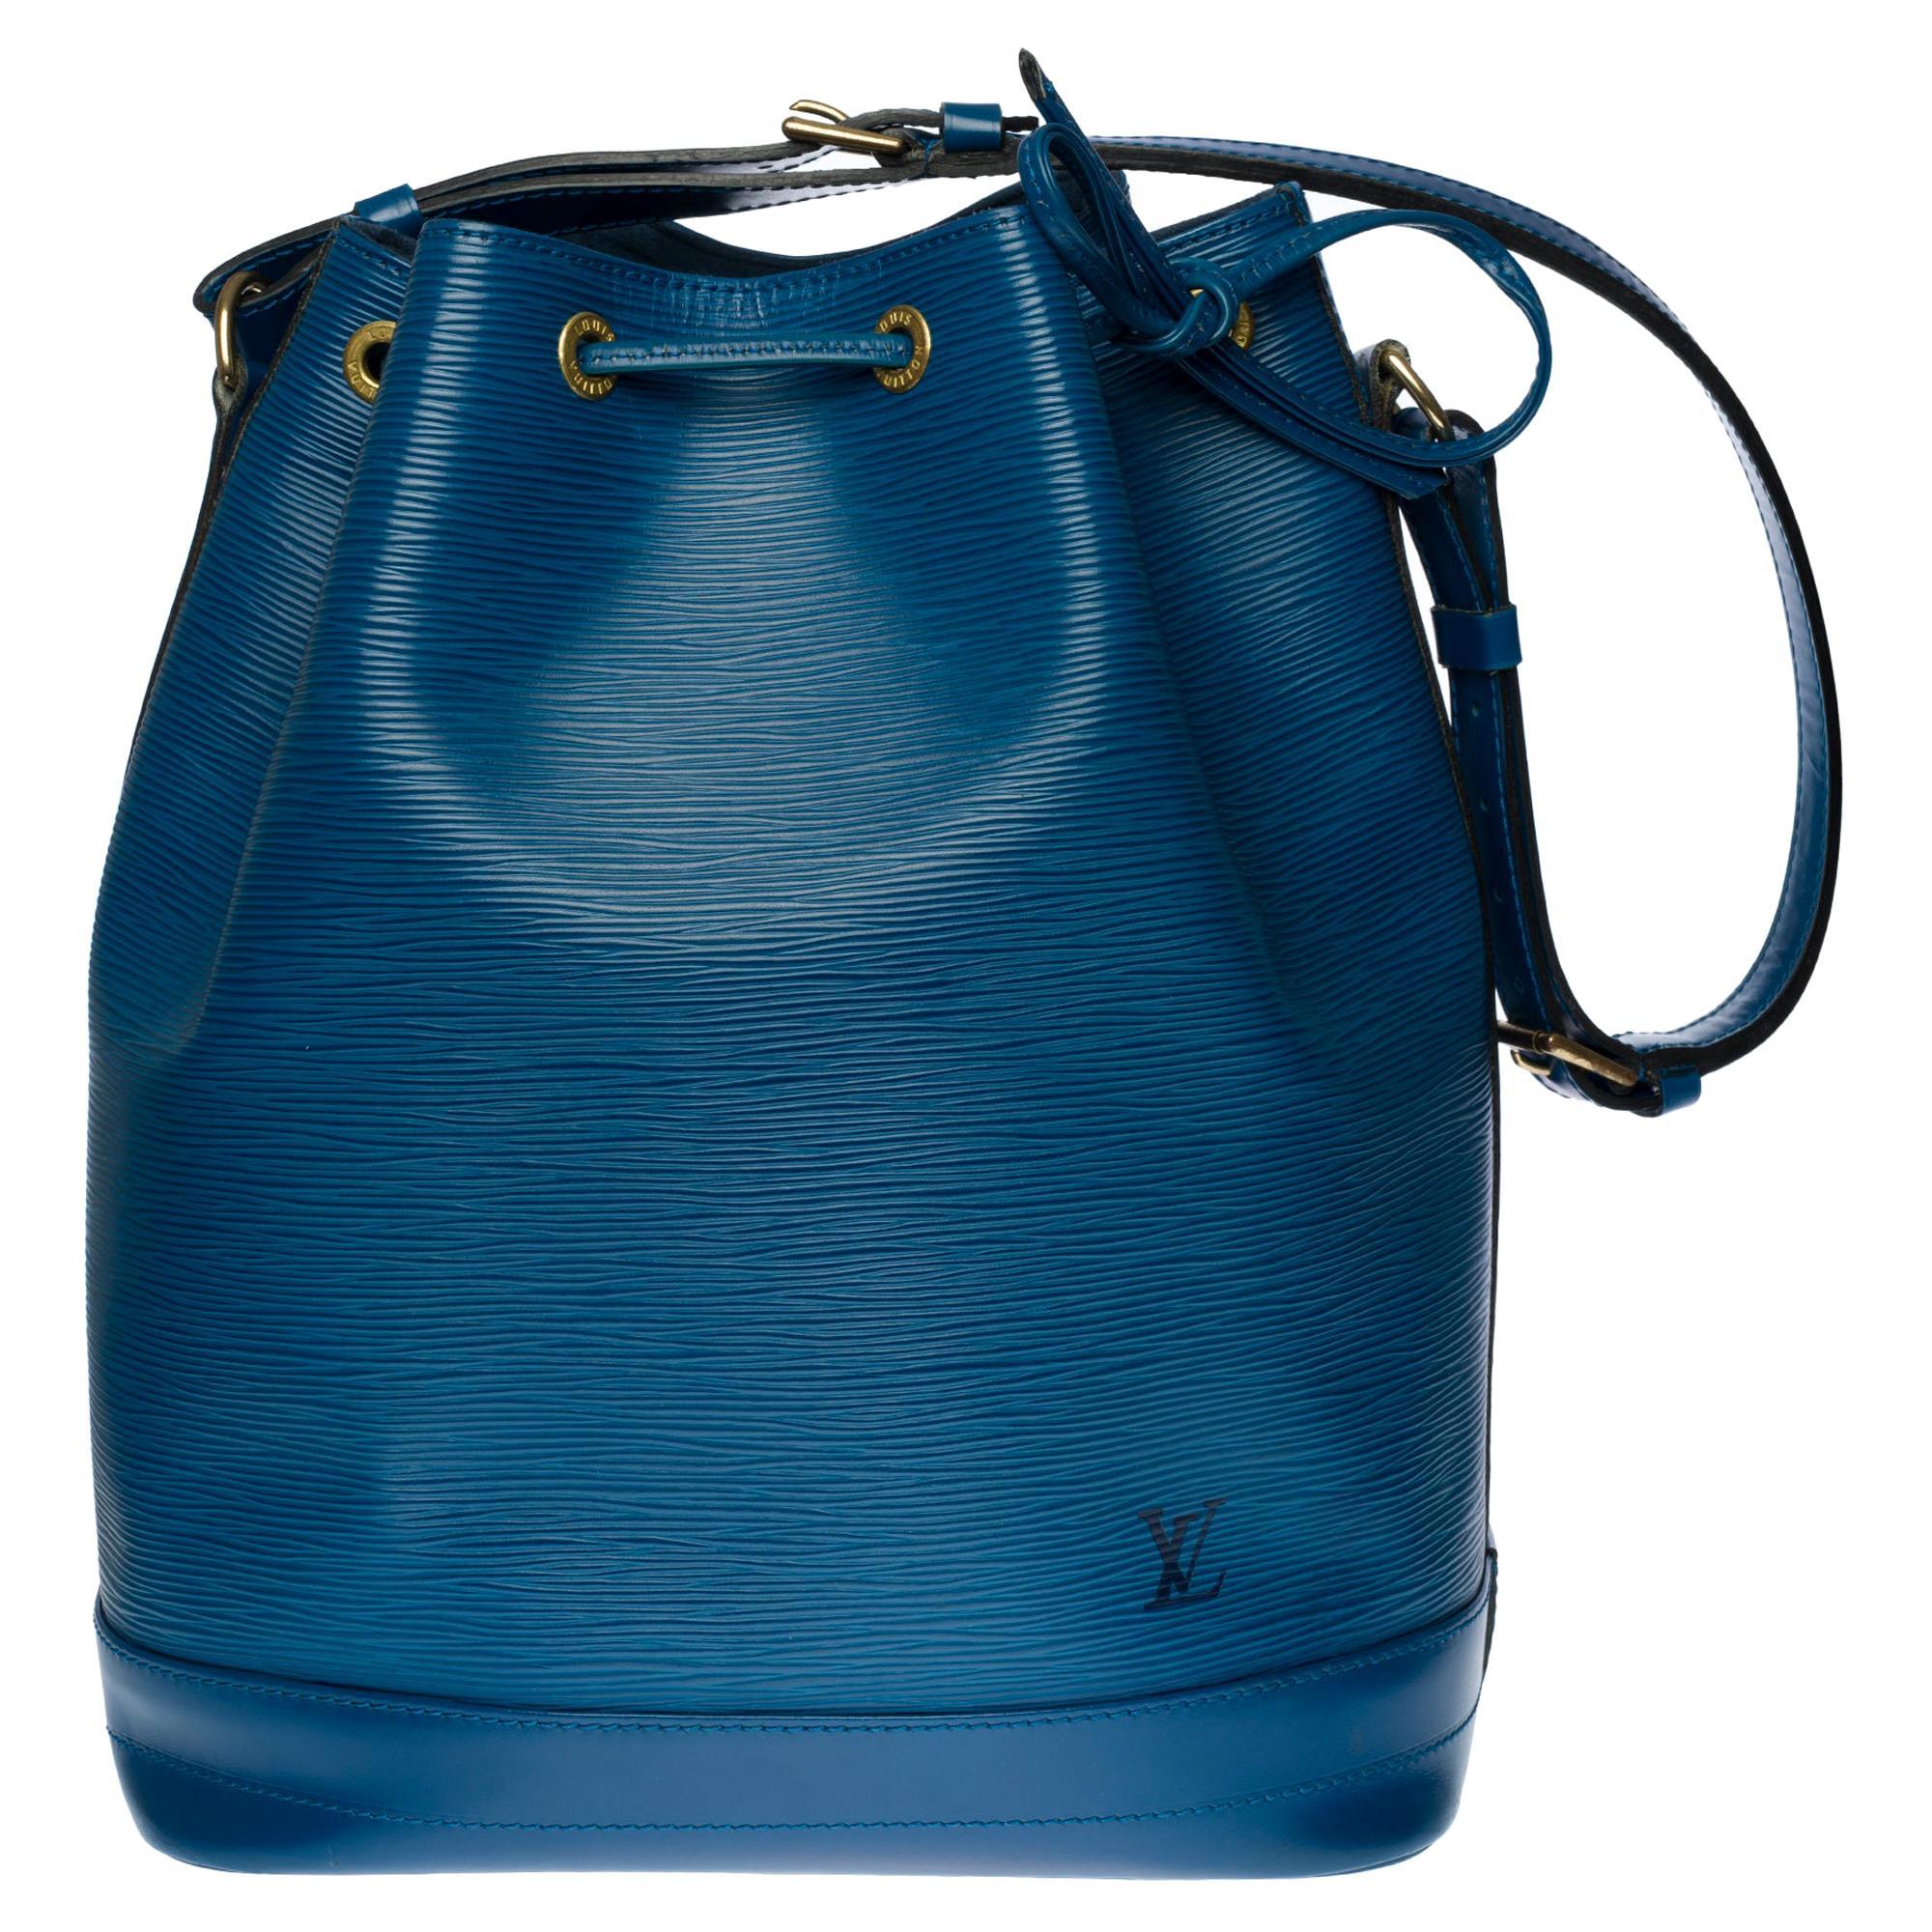 Louis Vuitton Noé Grand modele shoulder bag in blue epi leather, gold hardware